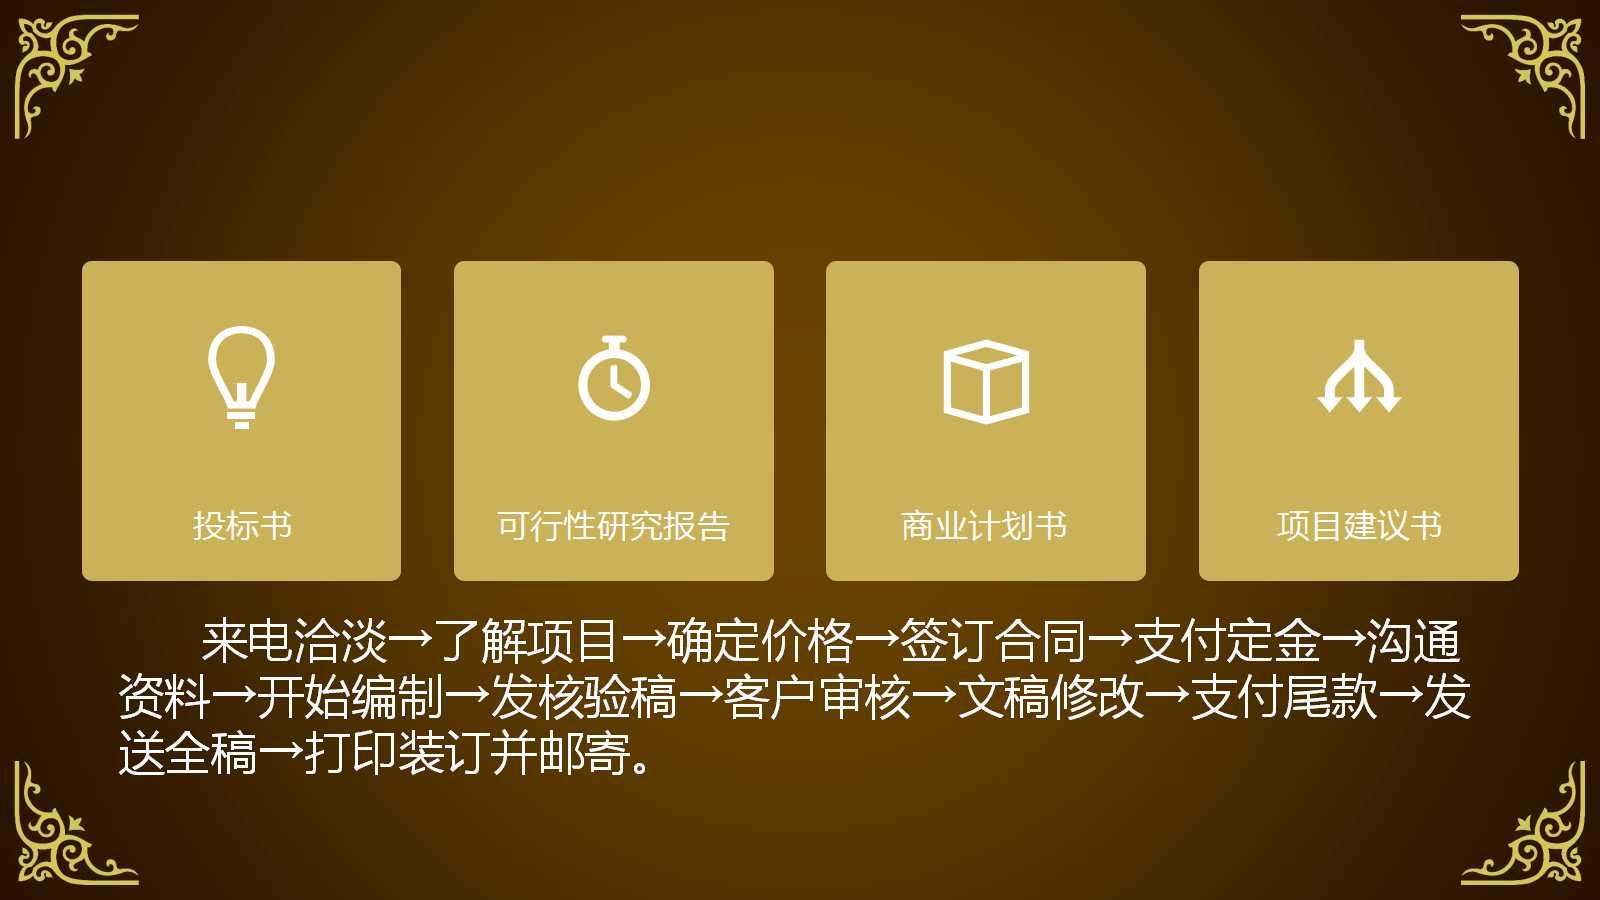 汉中汉台可以写标书机构靠谱的地方团队